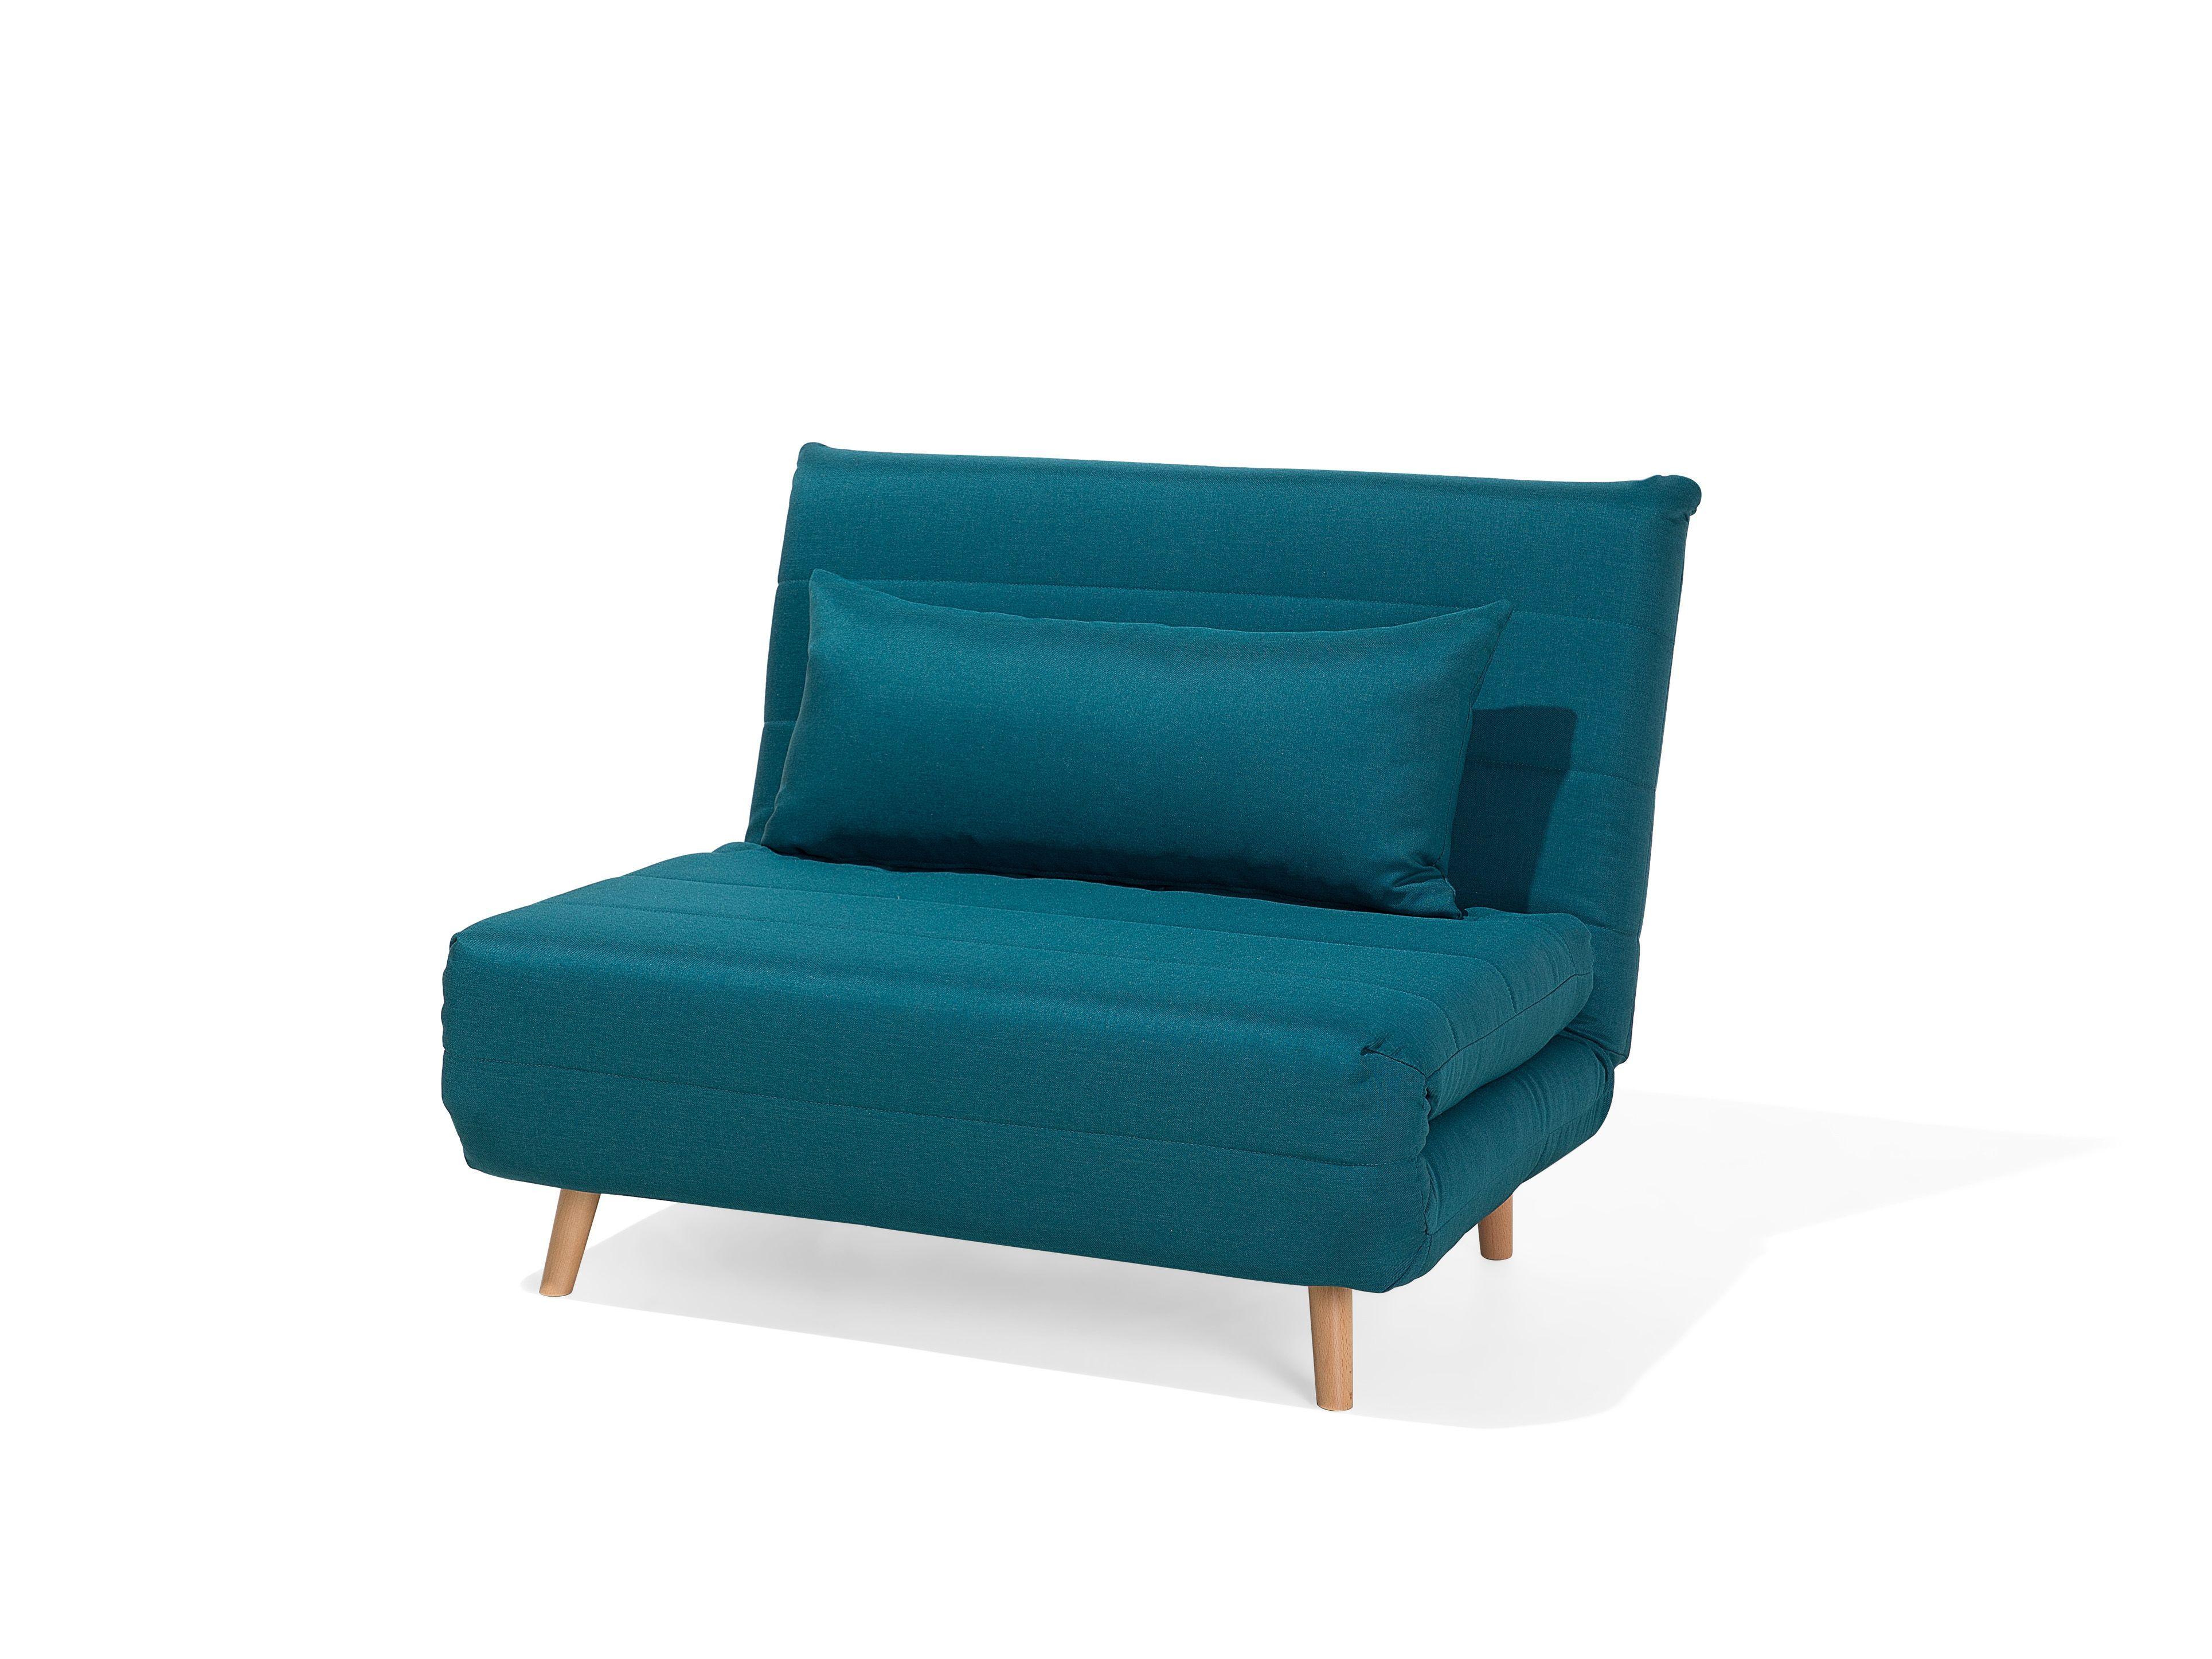 Divano Letto Singolo In Tessuto Blu Scuro Setten In 2020 Sofa